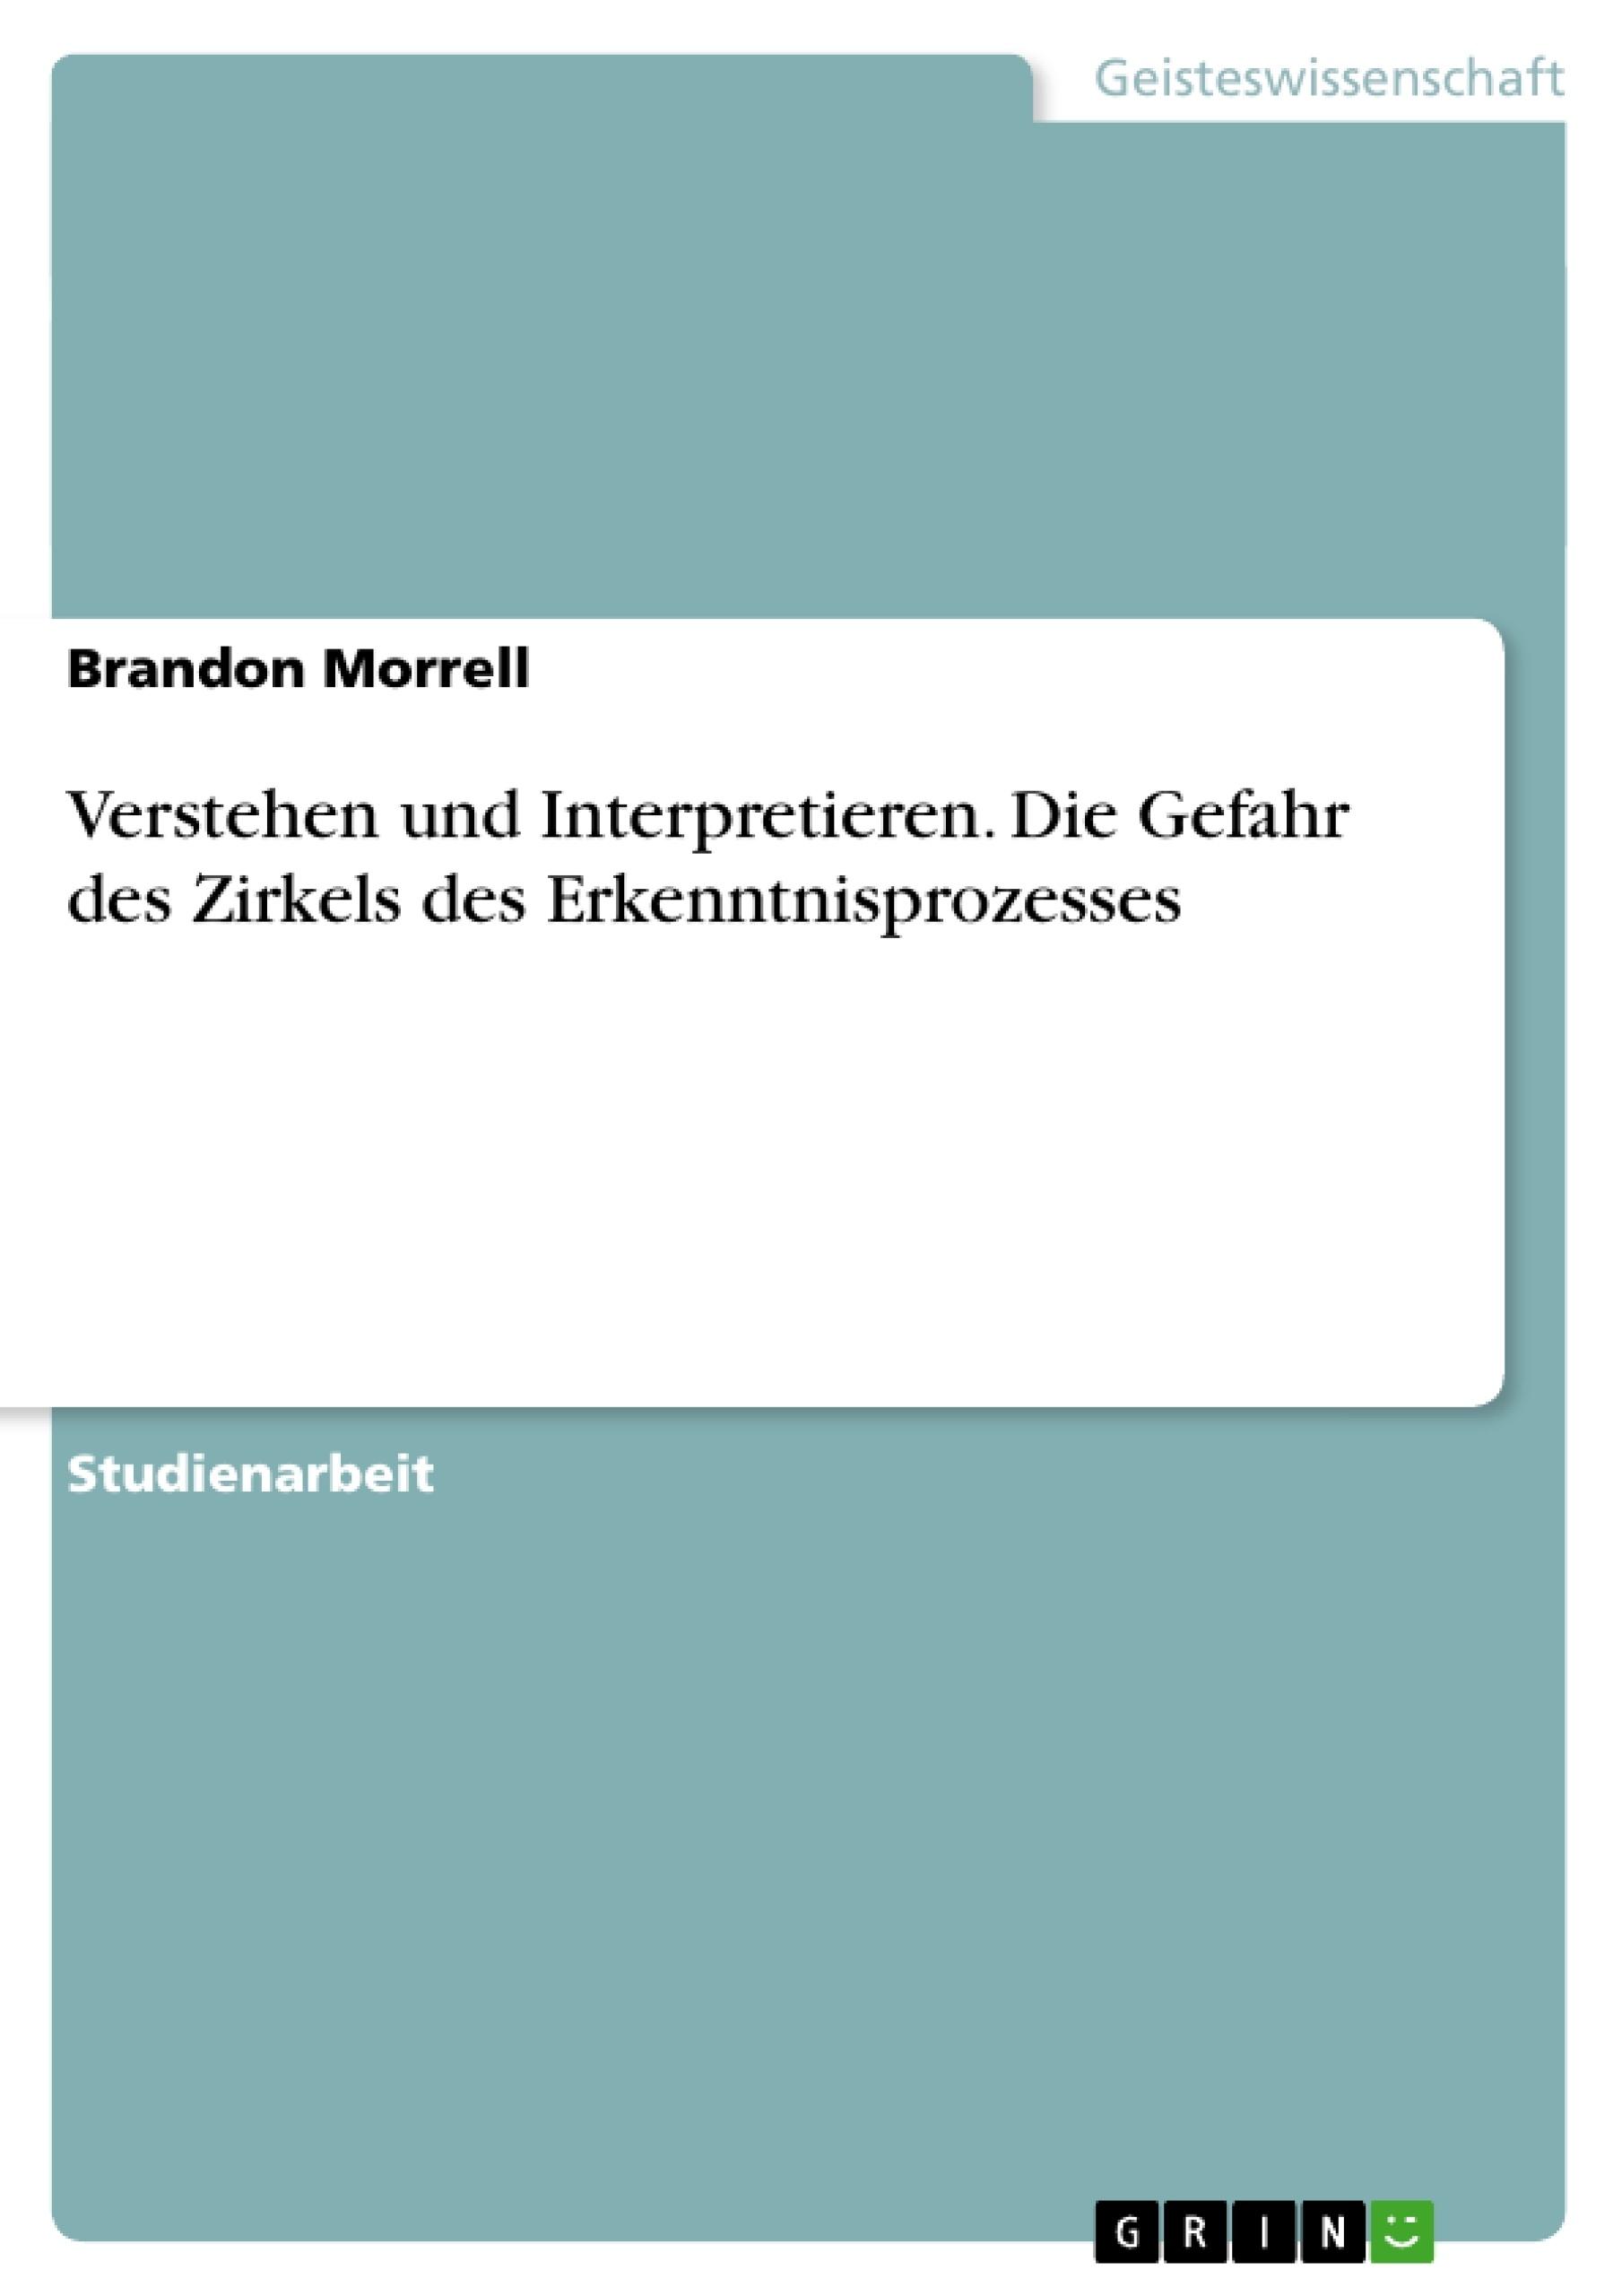 Titel: Verstehen und Interpretieren. Die Gefahr des Zirkels des Erkenntnisprozesses